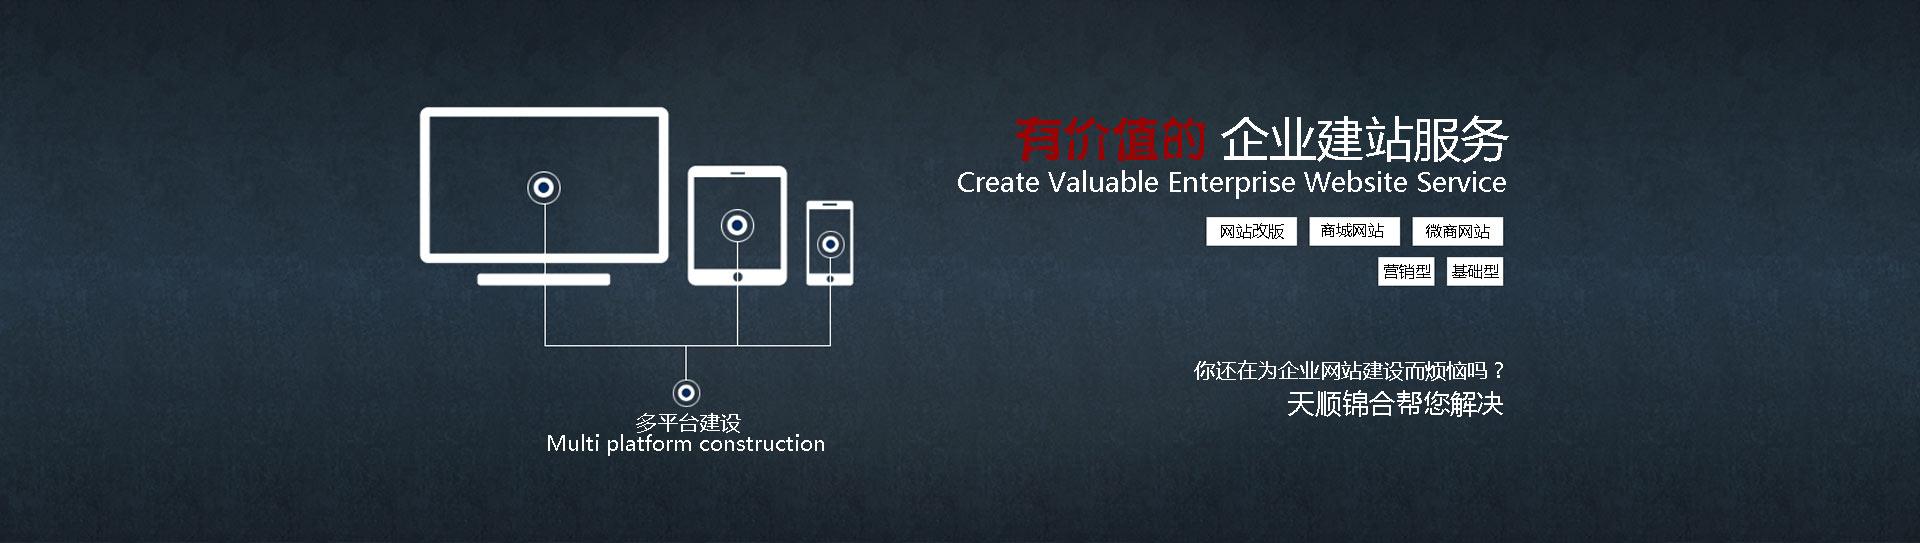 西安ope电竞下载建设,西安seo公司,西安ope电竞下载关键词优化,西安微信小程序开发